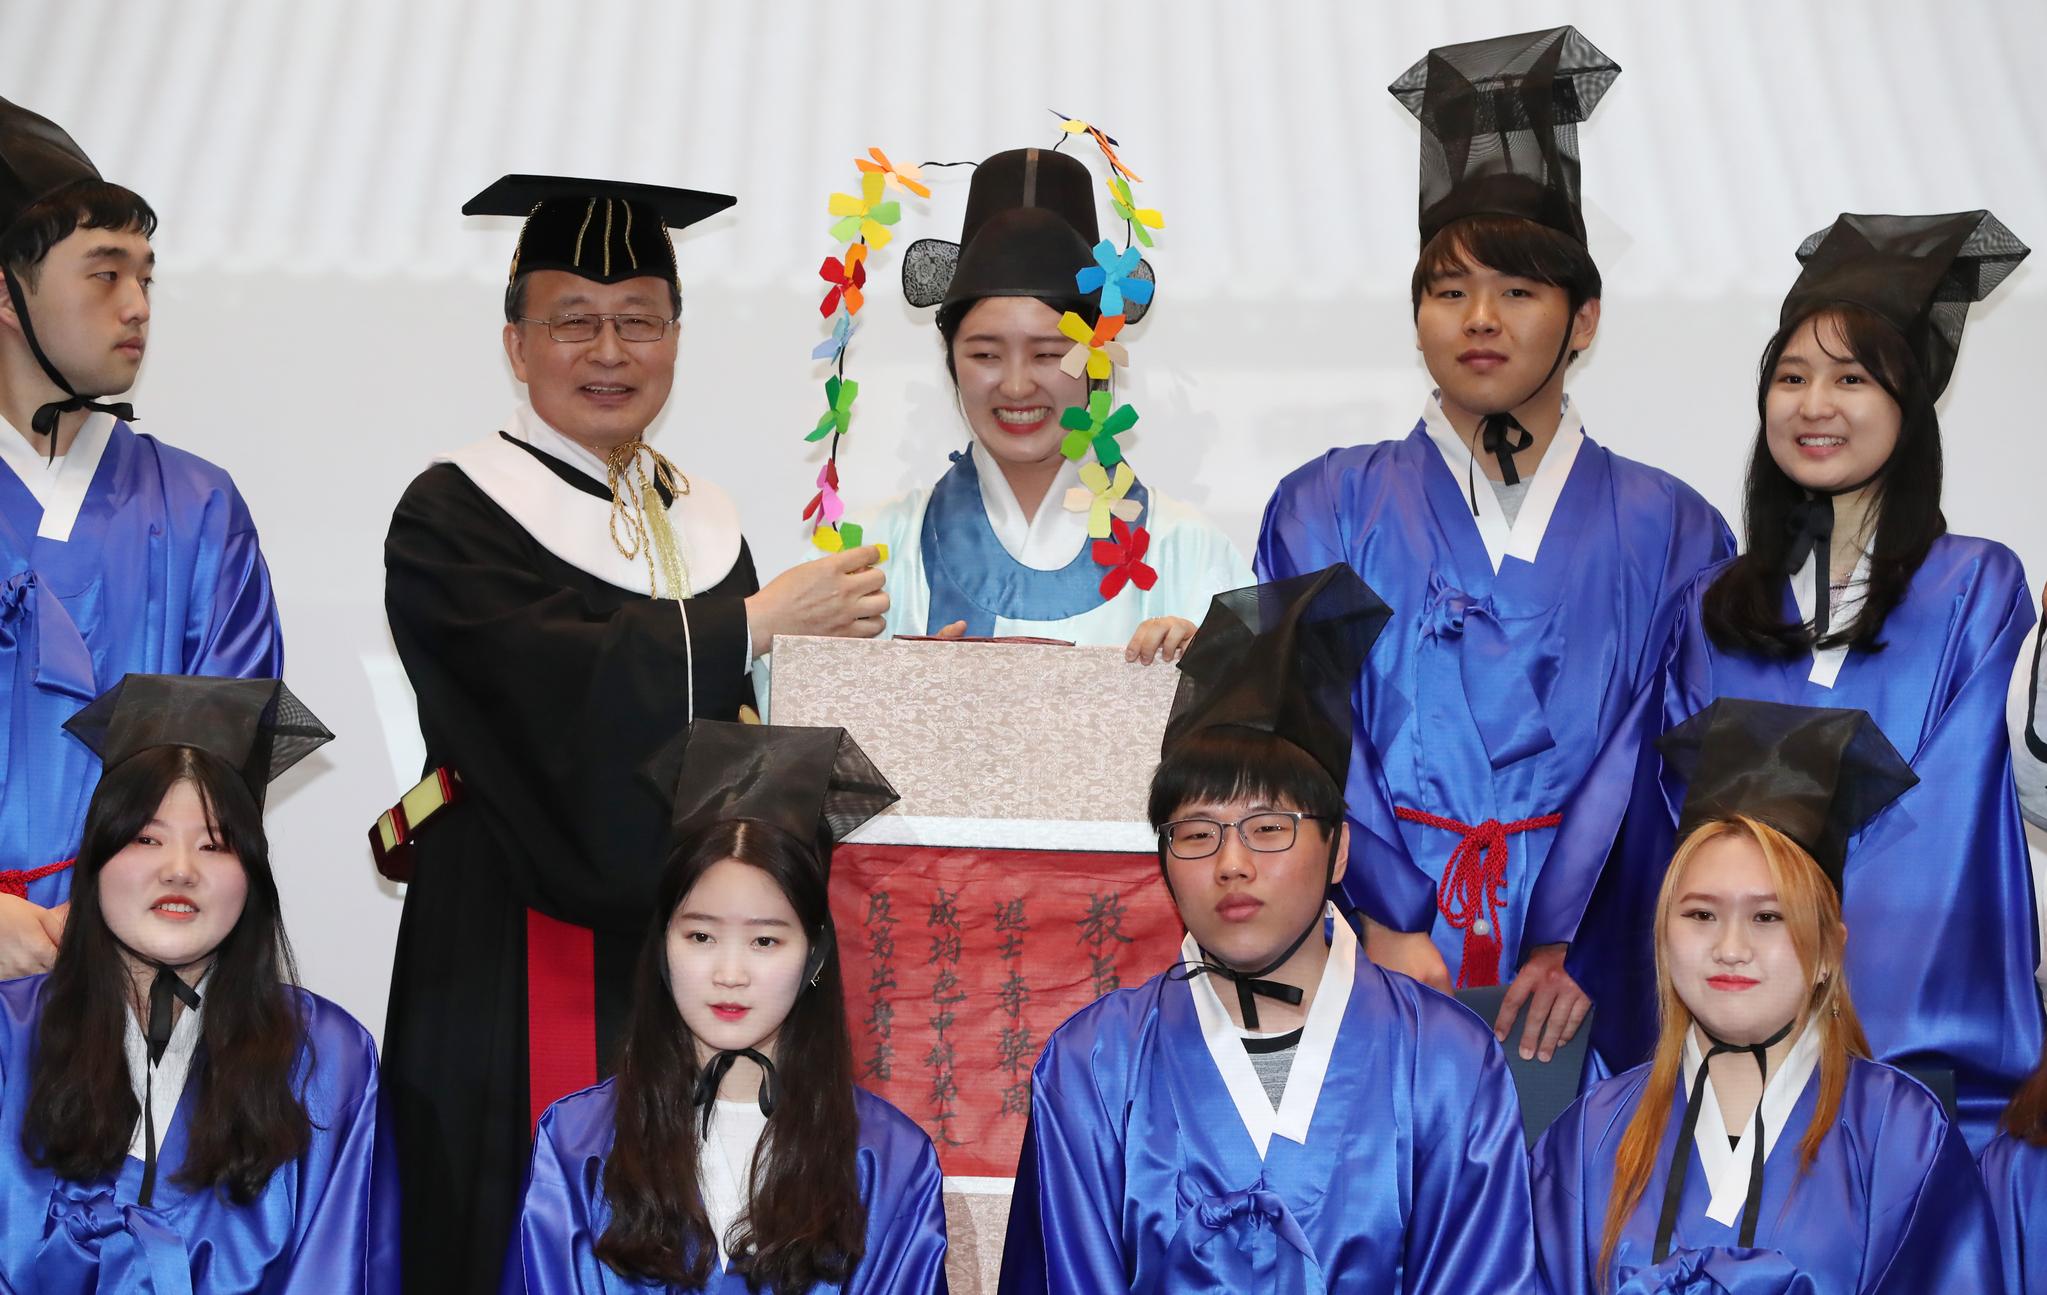 장원(뒷줄 가운데)을 비롯한 급제자들과 유홍준 성대 부총장(뒷줄 왼쪽 두번쨰)이 단체사진을 찍고 있다. 우상조 기자